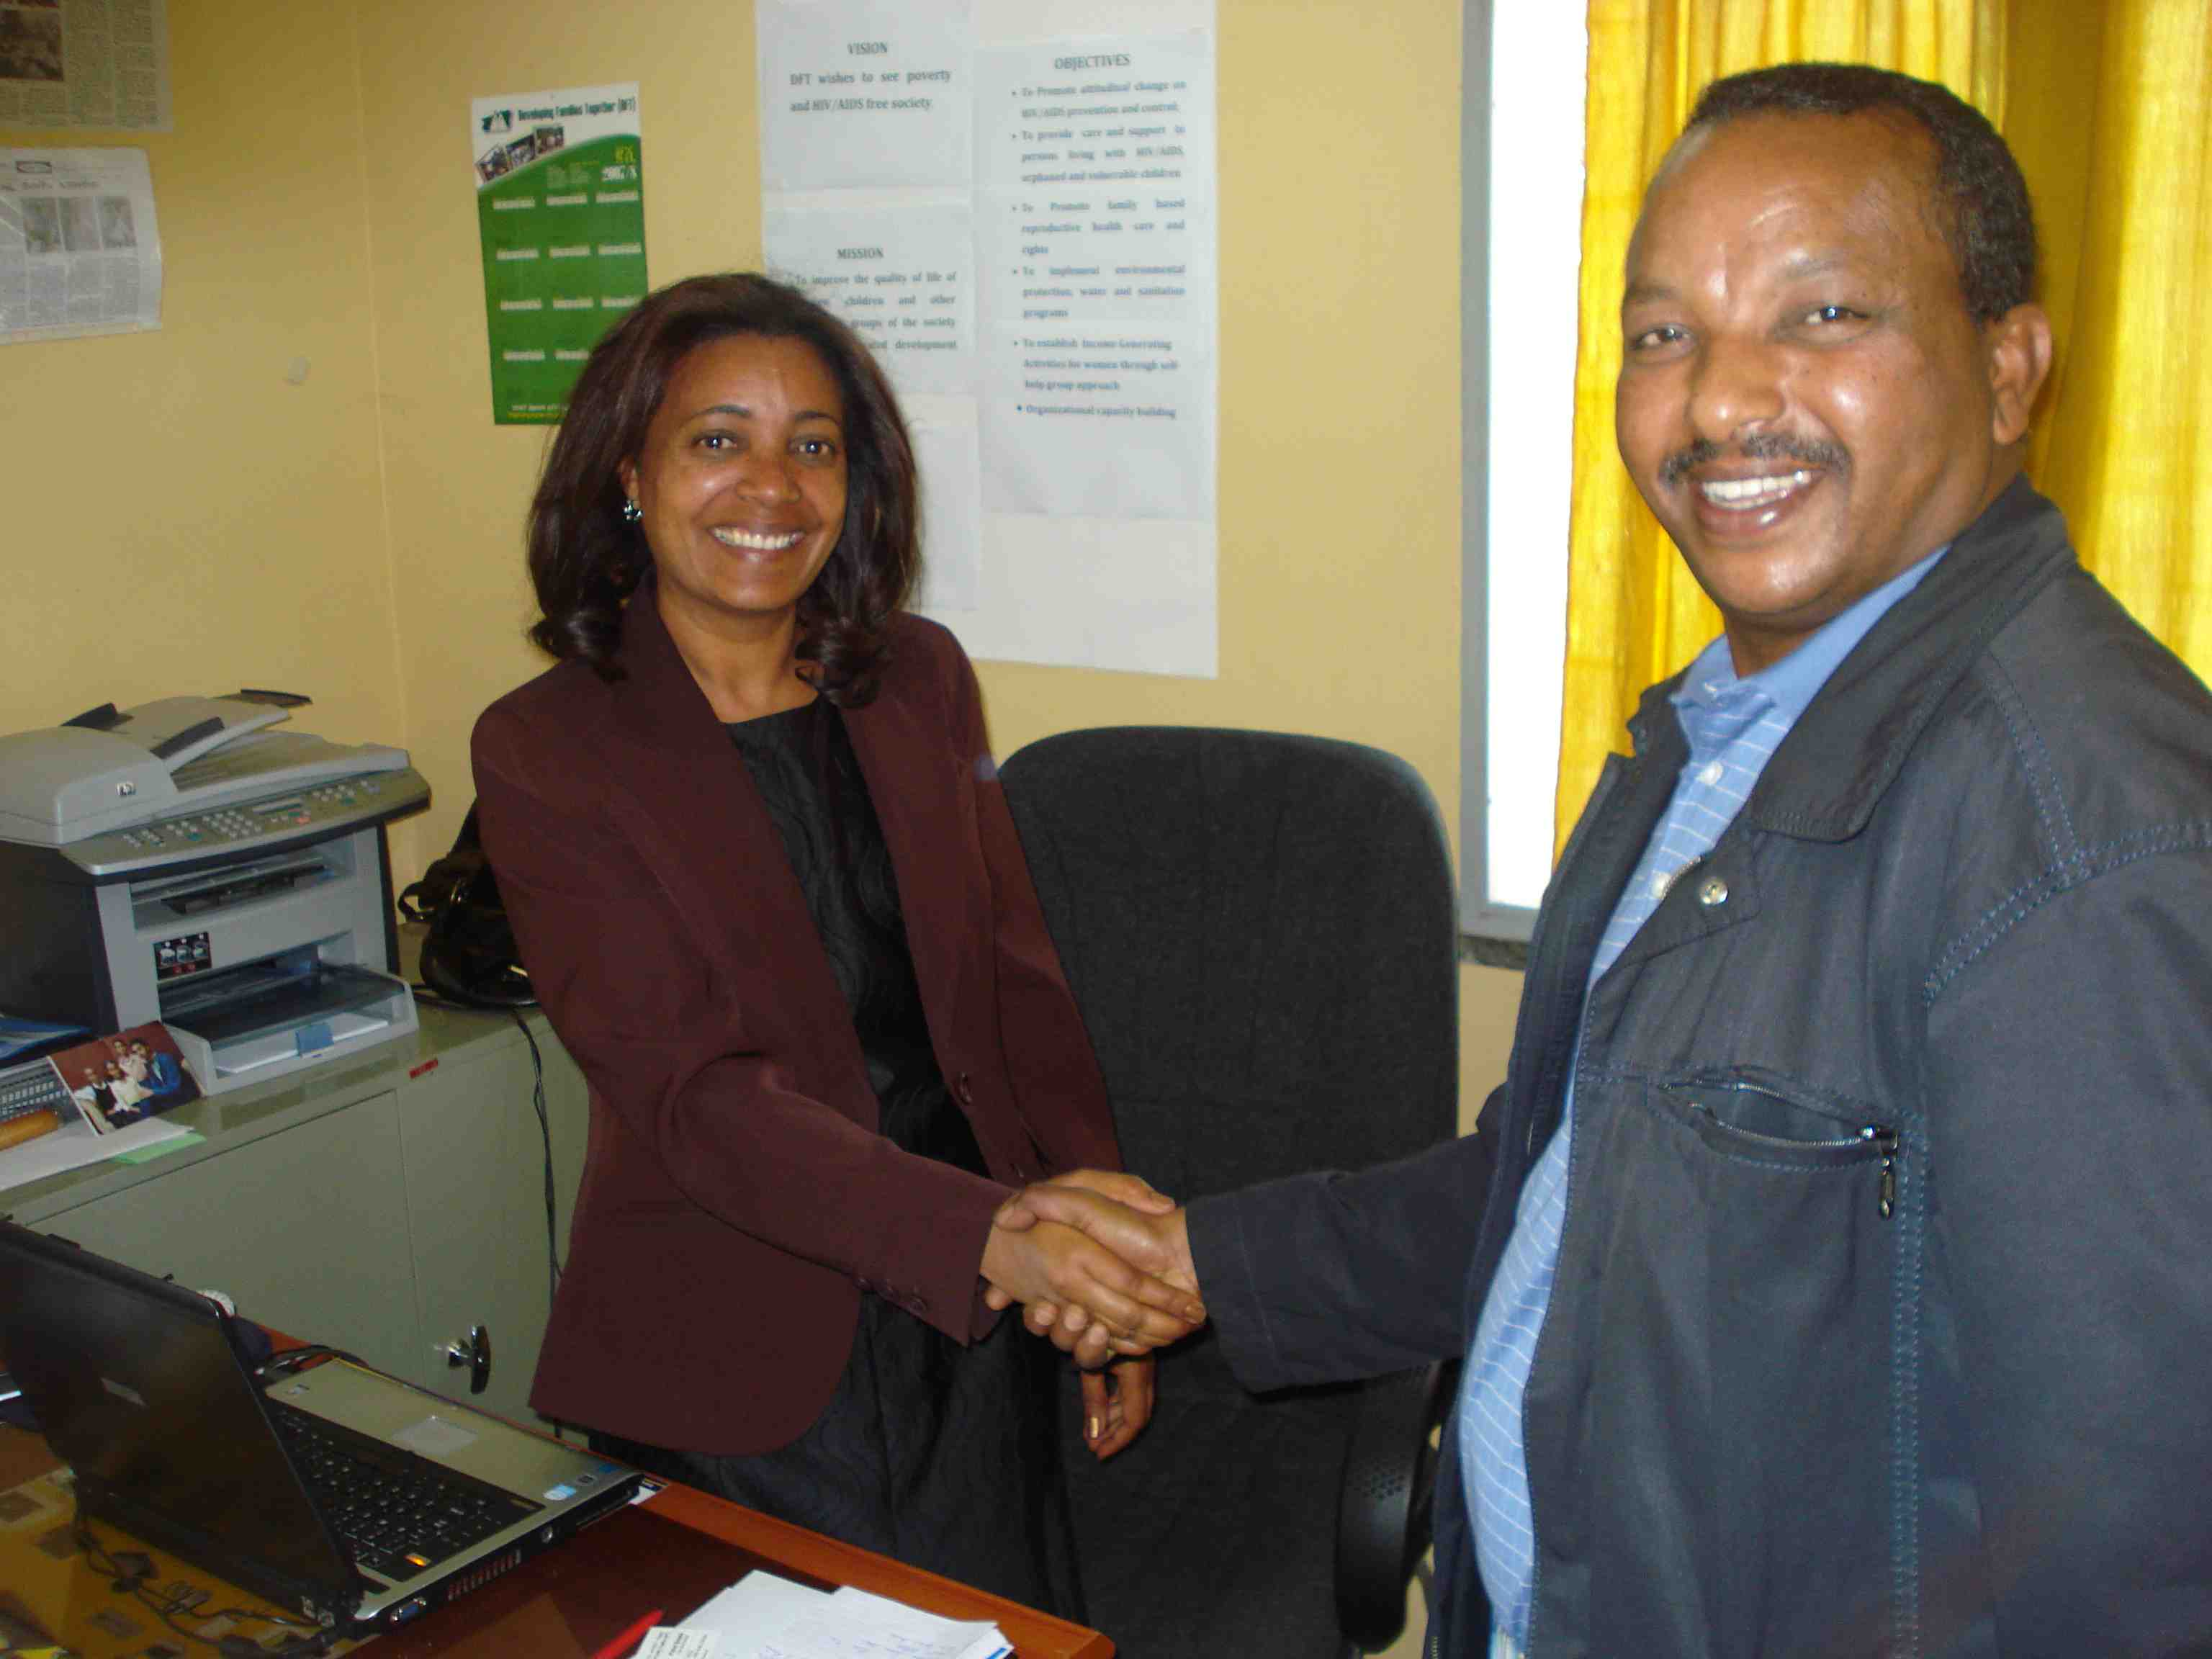 Robert_Ethiopie_051.jpg